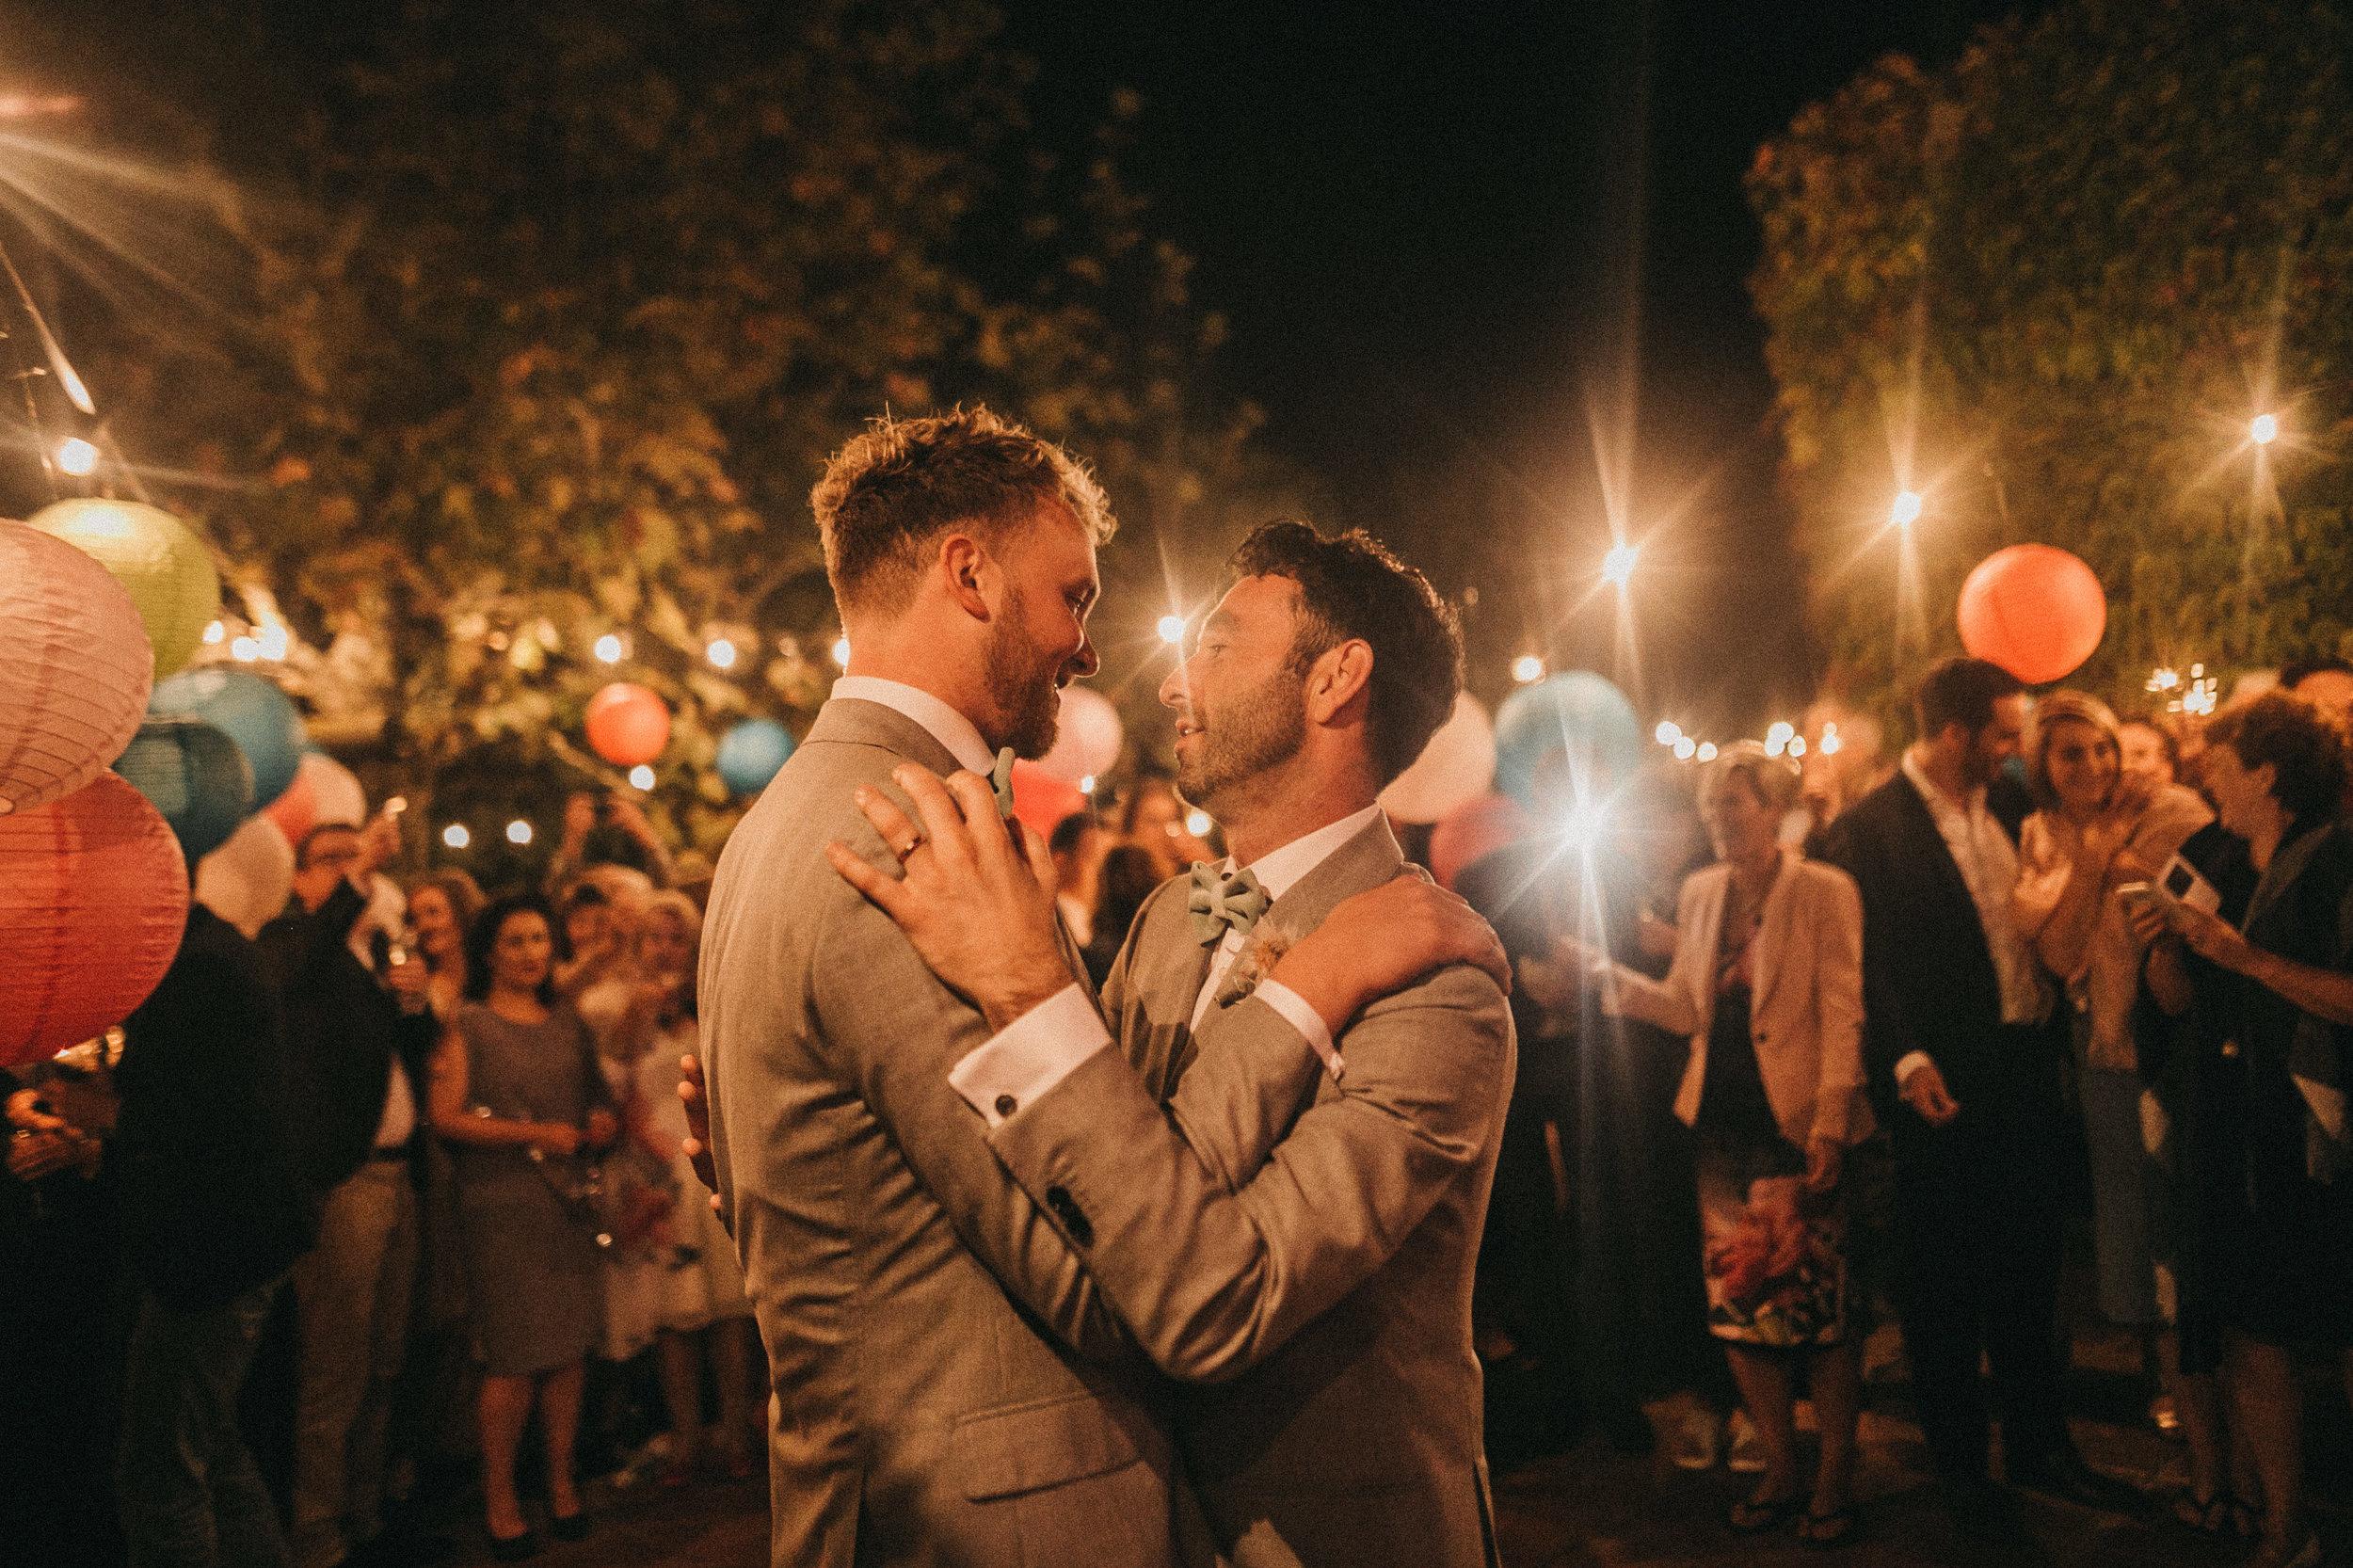 Fotografo de bodas españa serafin castillo wedding photographer spain 011.jpg